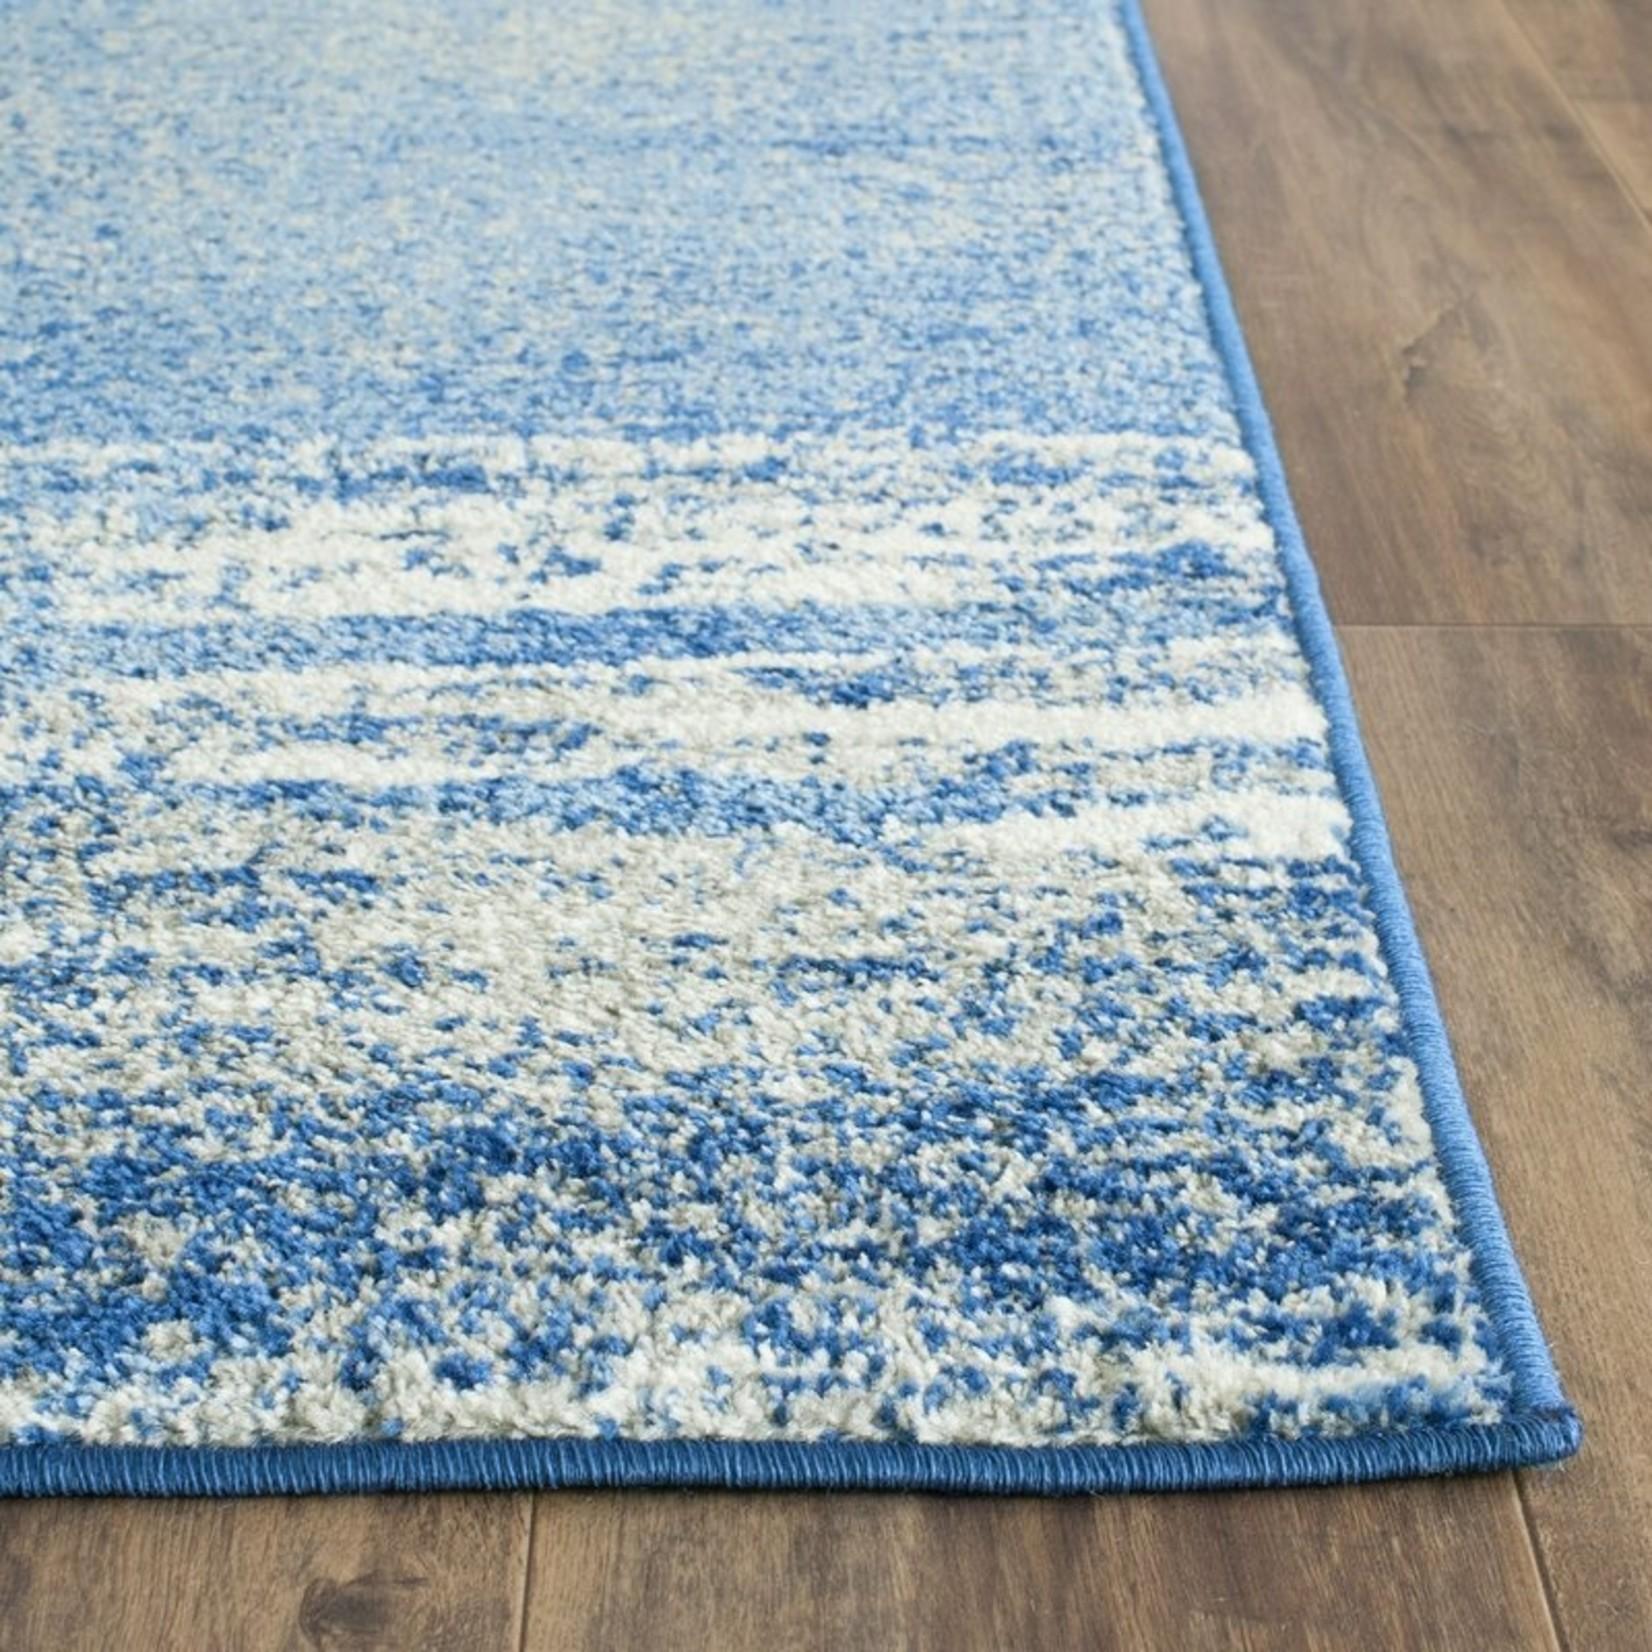 *3' x 5' -  Costa Mesa Abstract Silver/Blue Area Rug